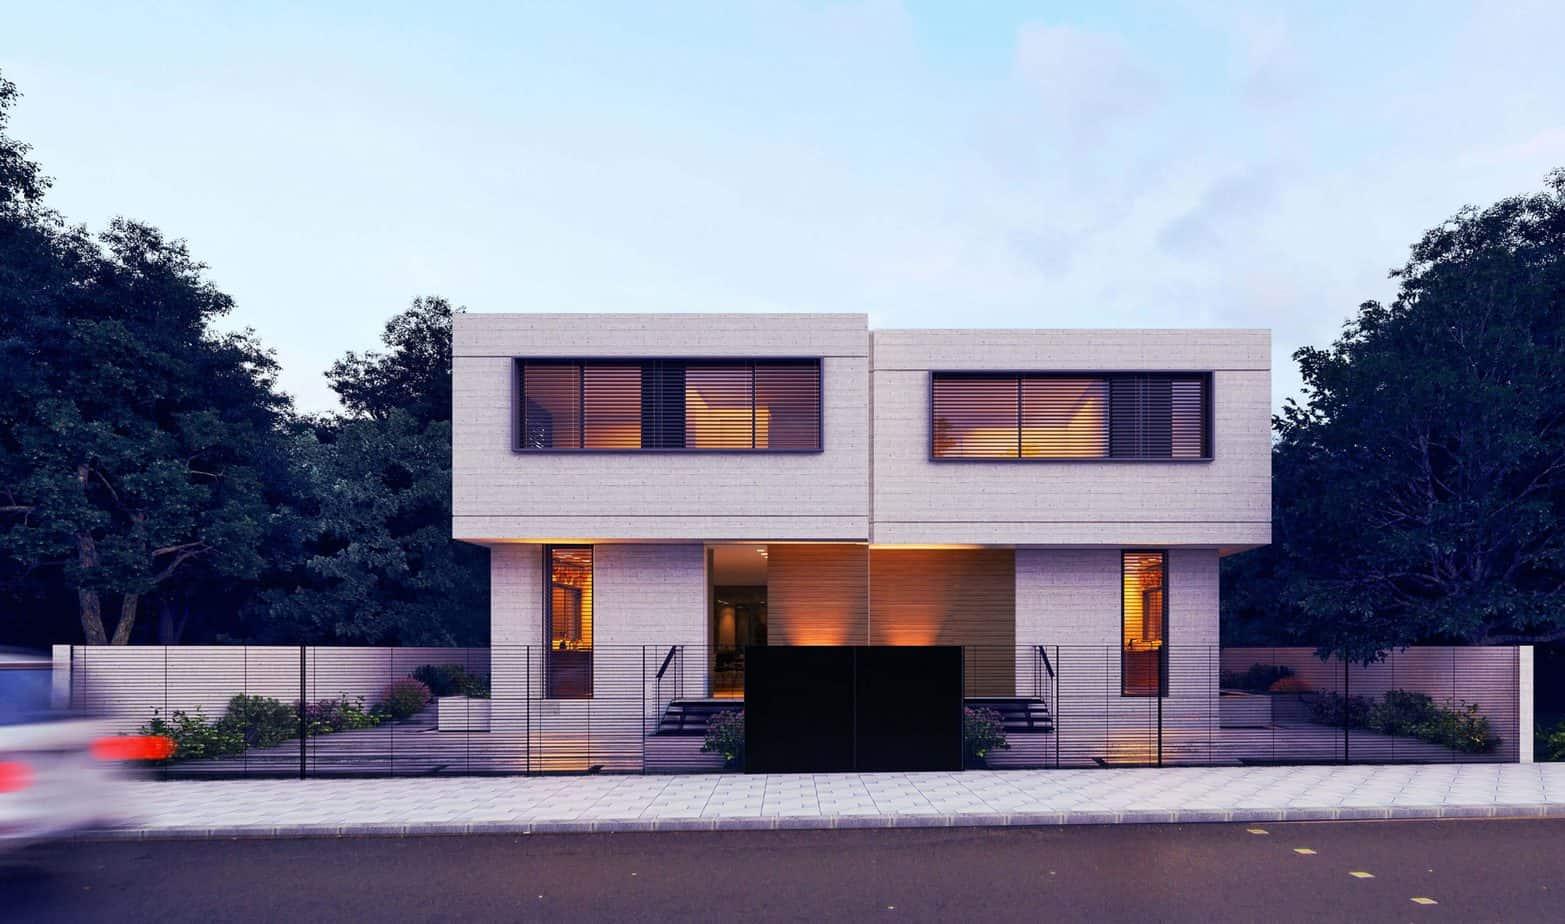 33 mẫu thiết kế nhà hiện đại đẹp ấn tượng nhất 12